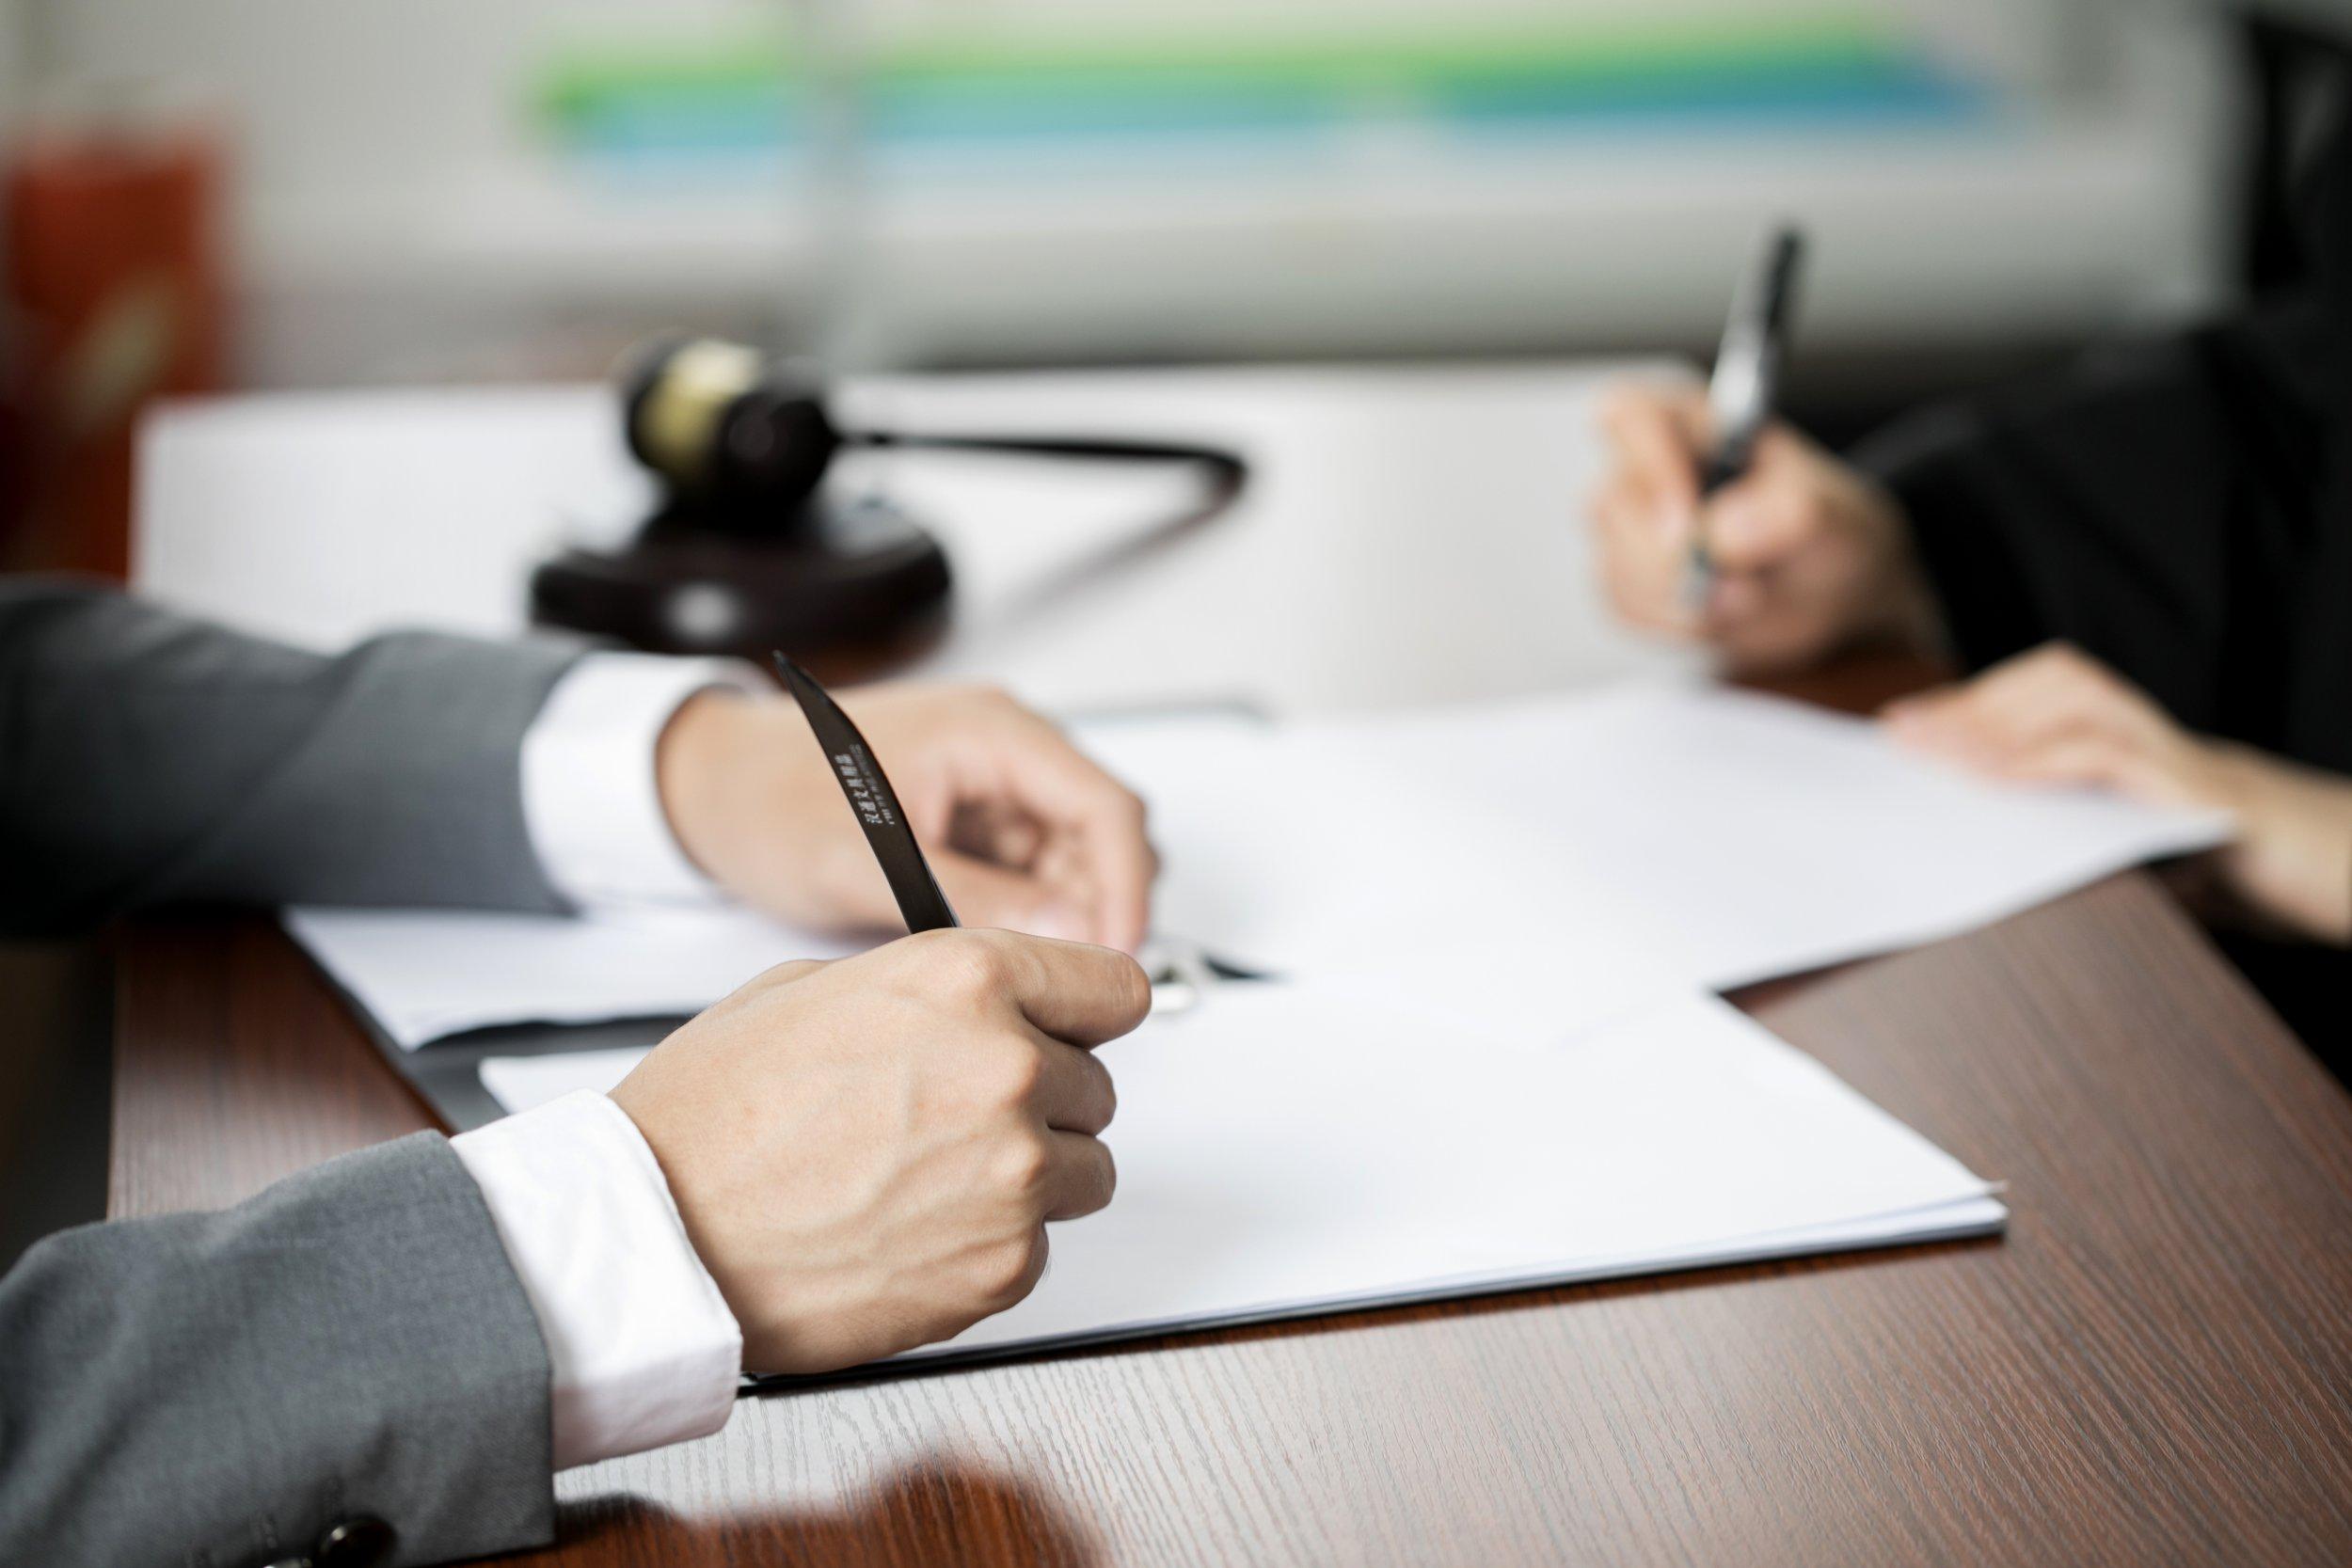 婚内放弃财产的协议有效吗